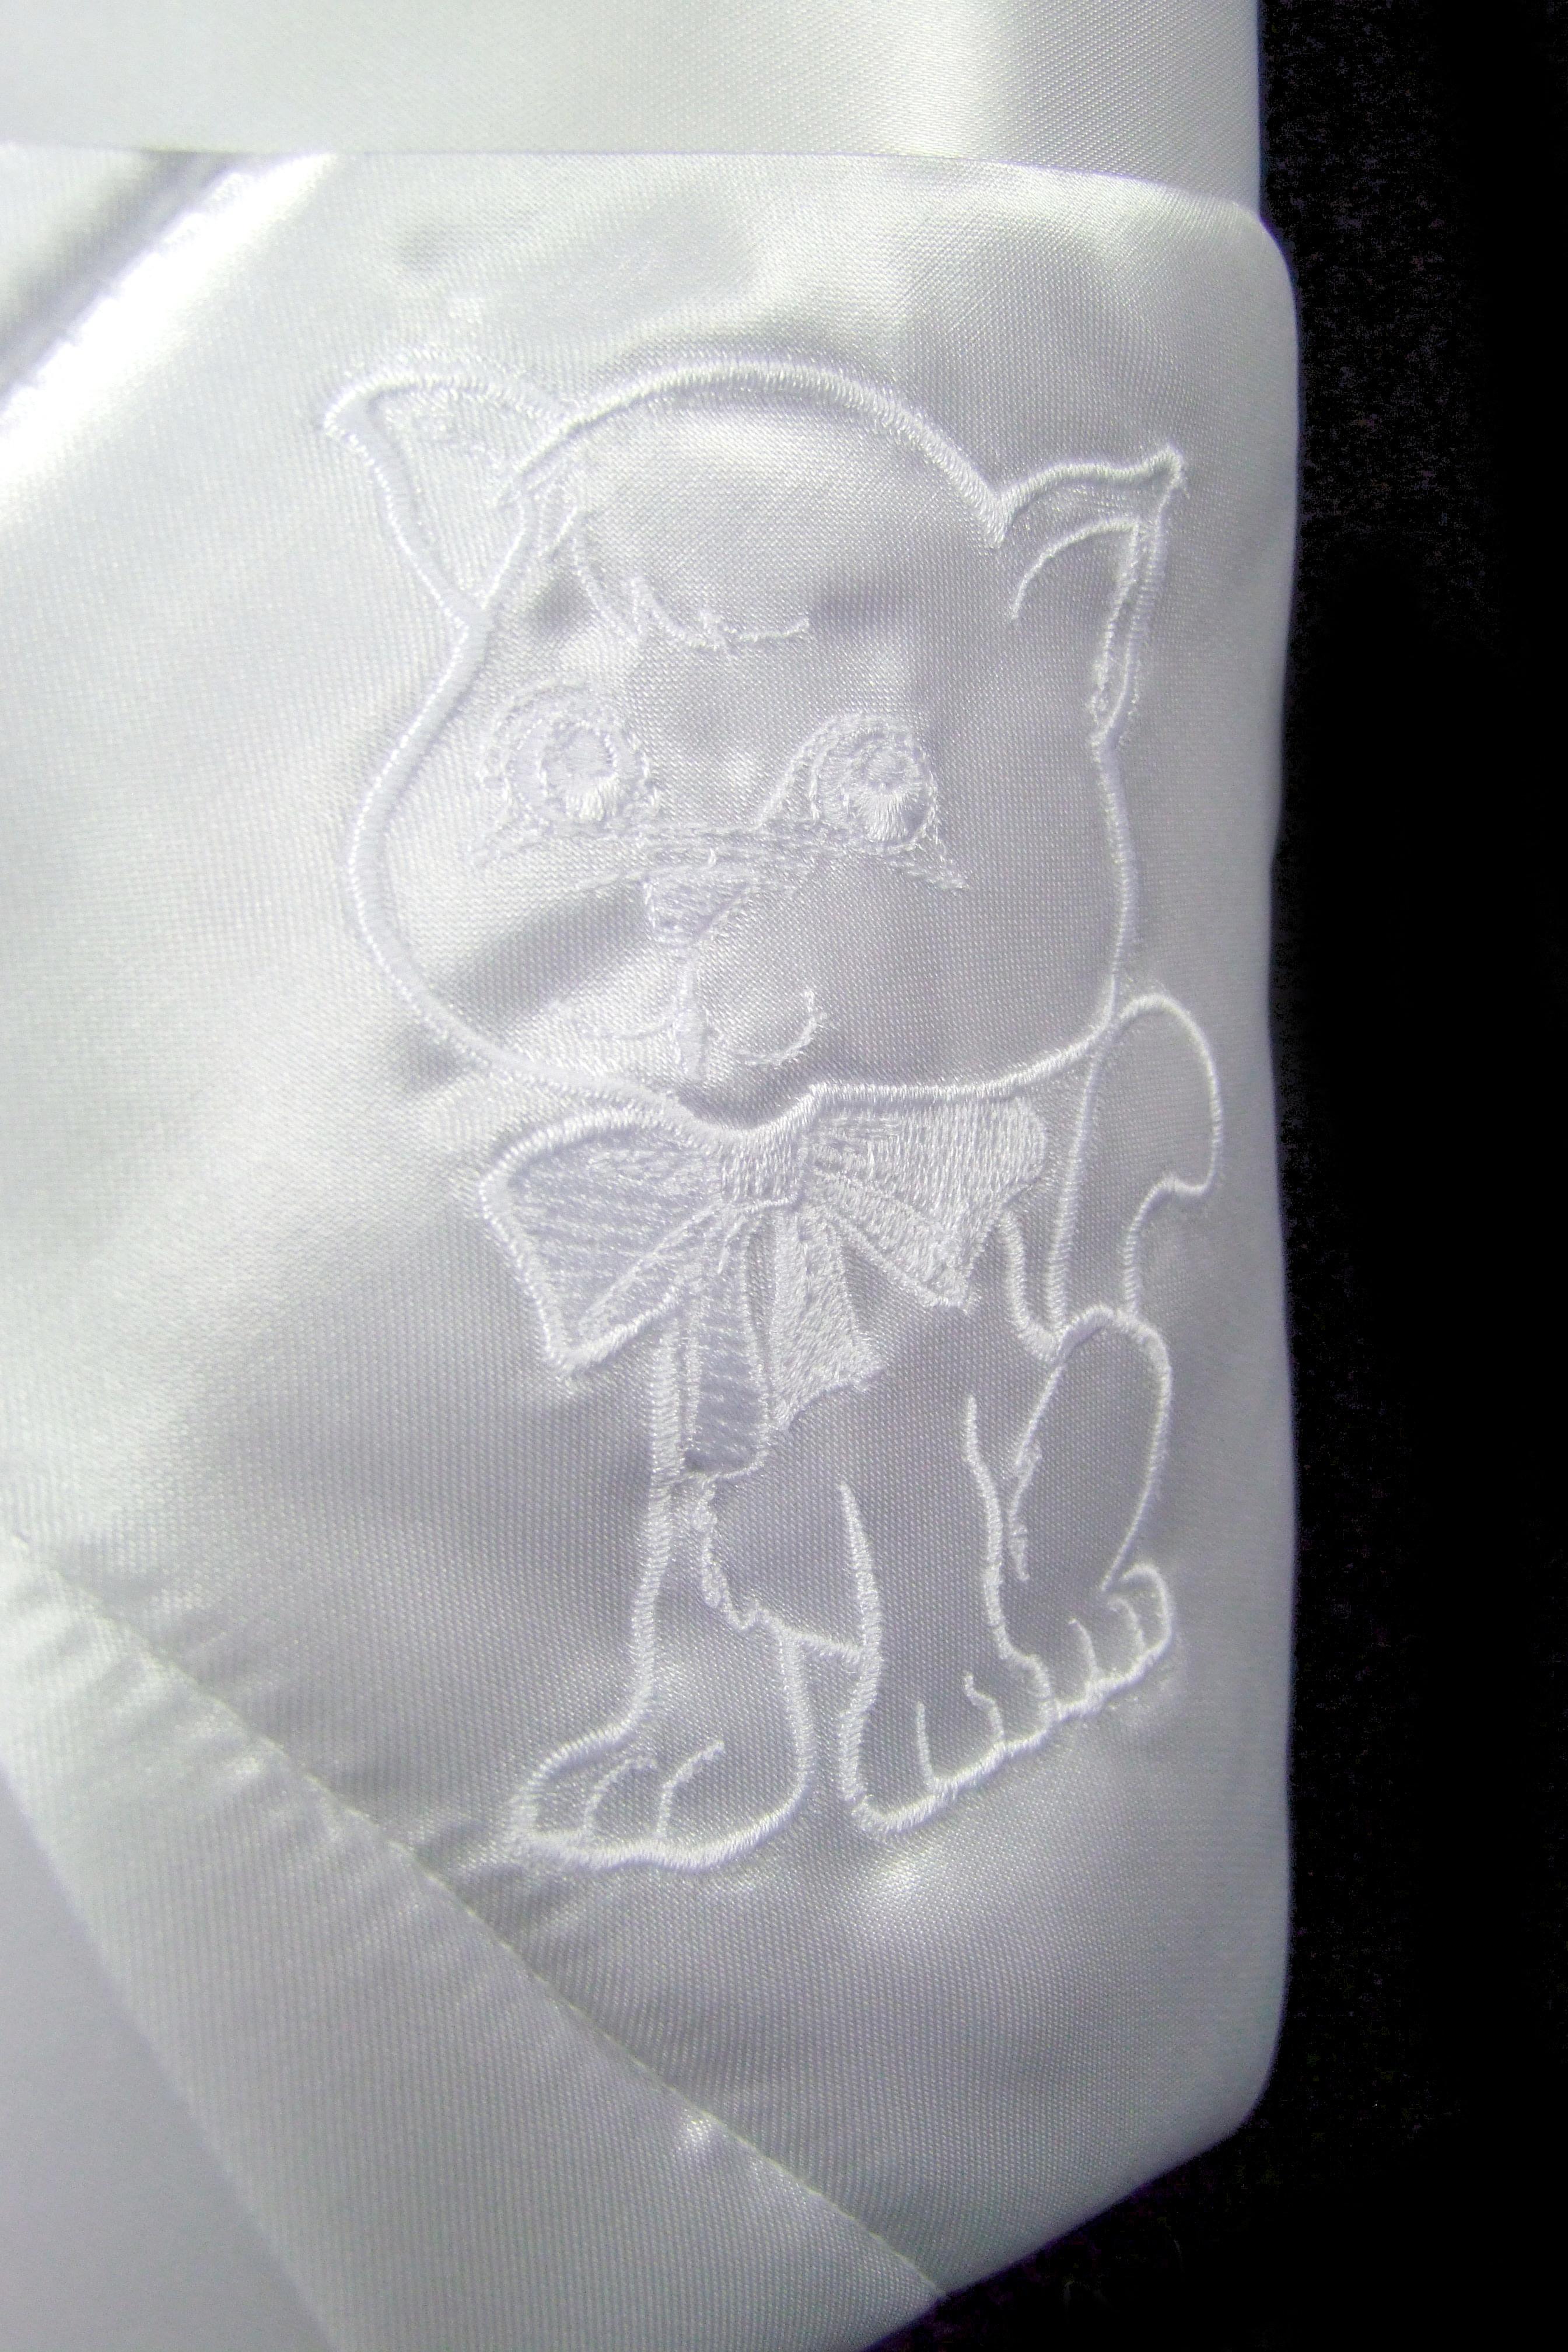 Rožok saténový biely - mačka s mašličkou vypjk18012018 059cad3e524